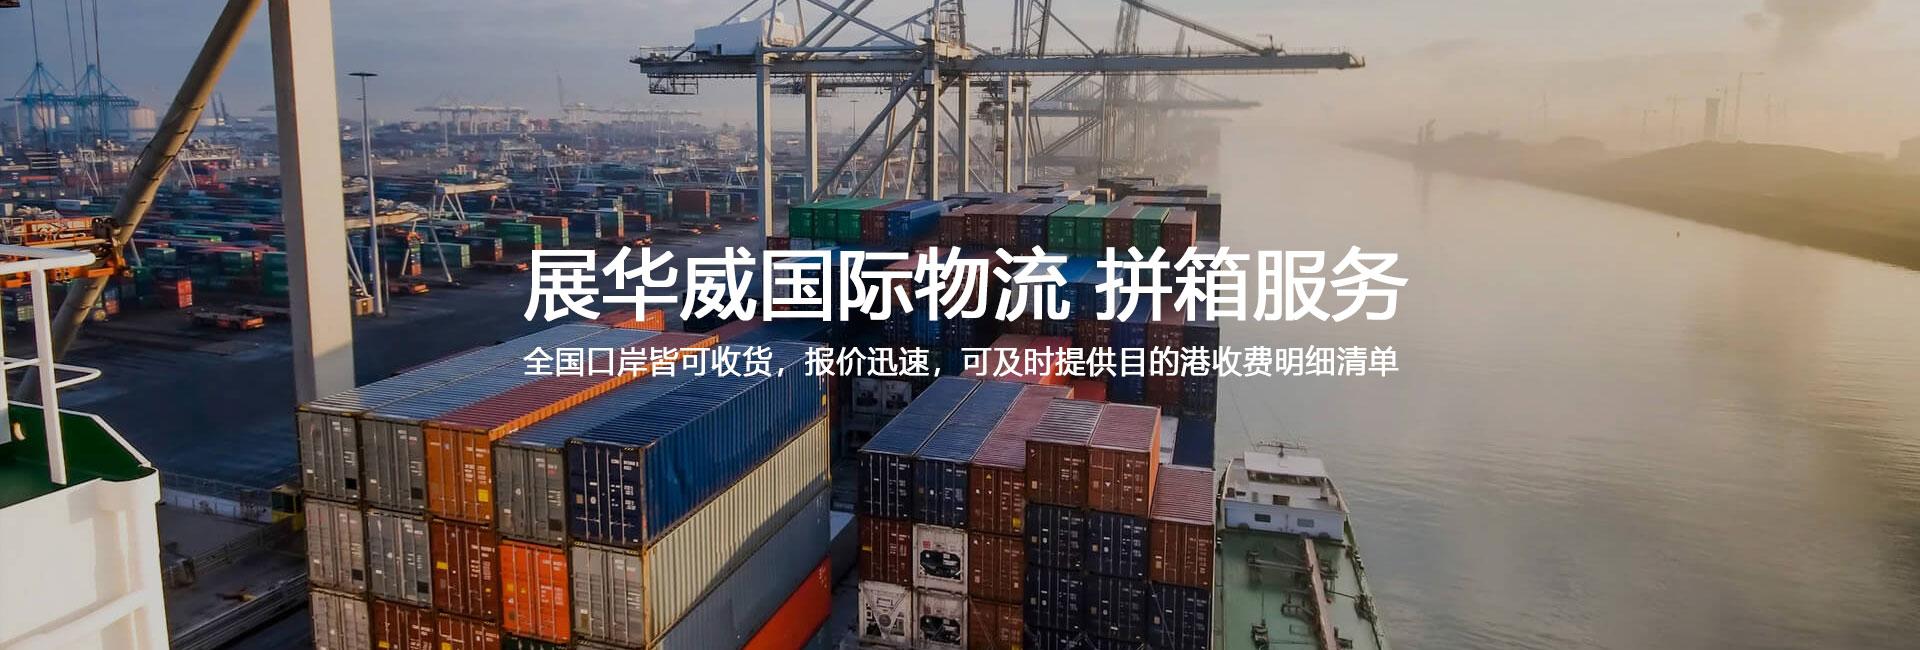 青岛展华威国际物流拼箱服务